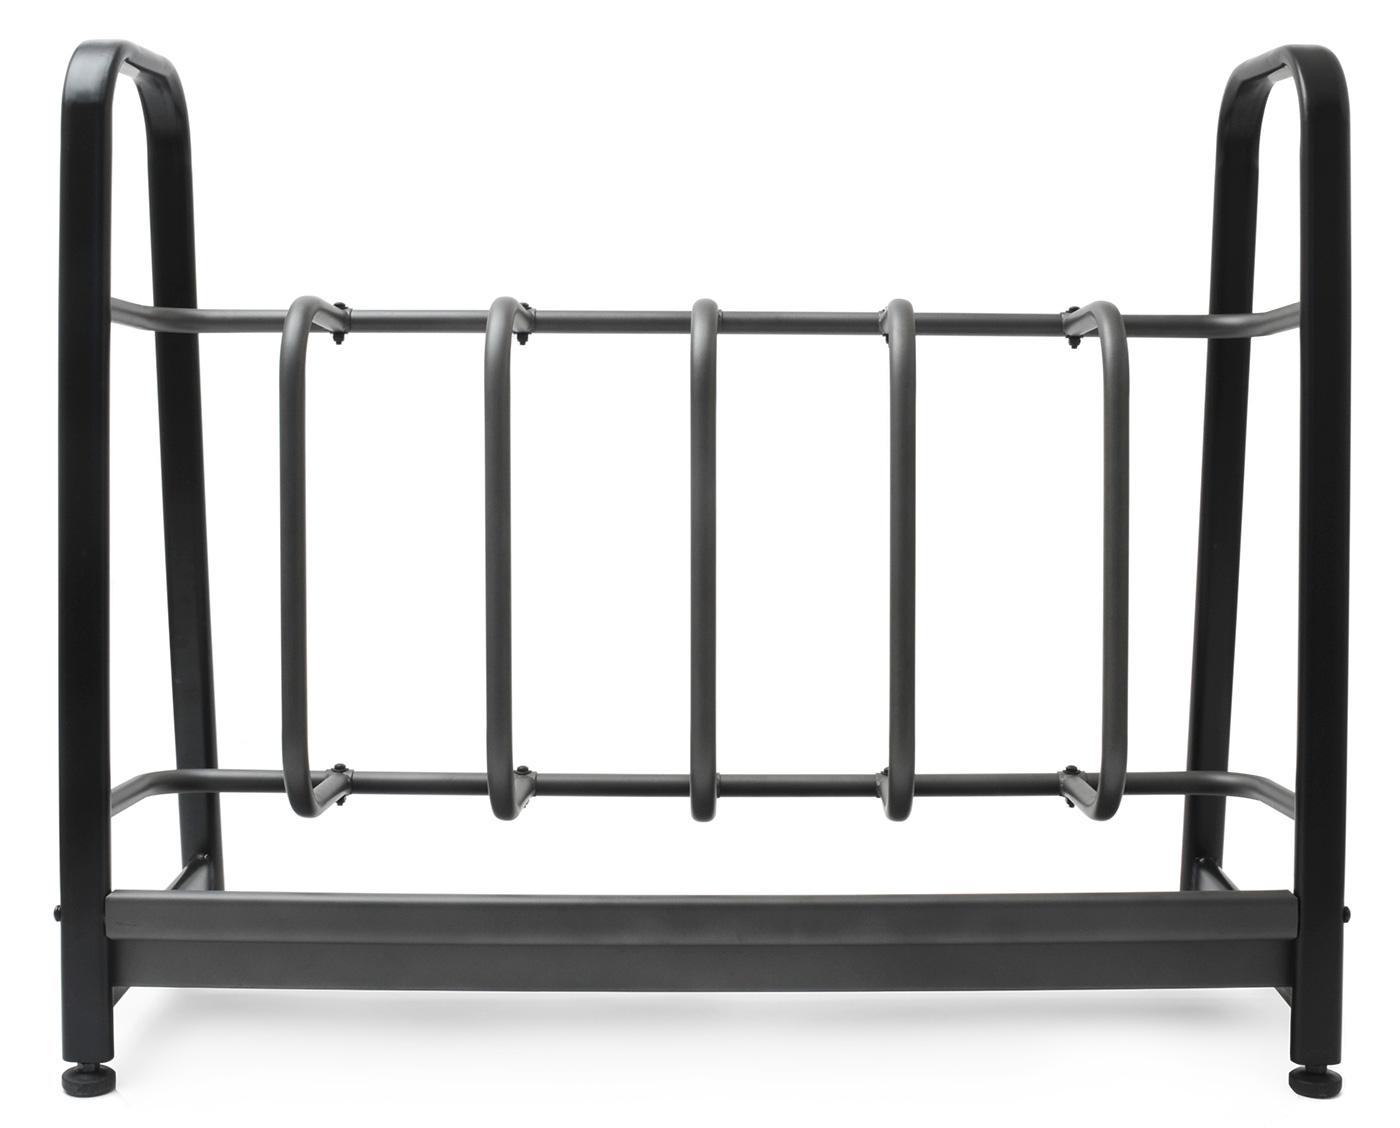 Studio-Rack für Gewichtsstangen (body bar)